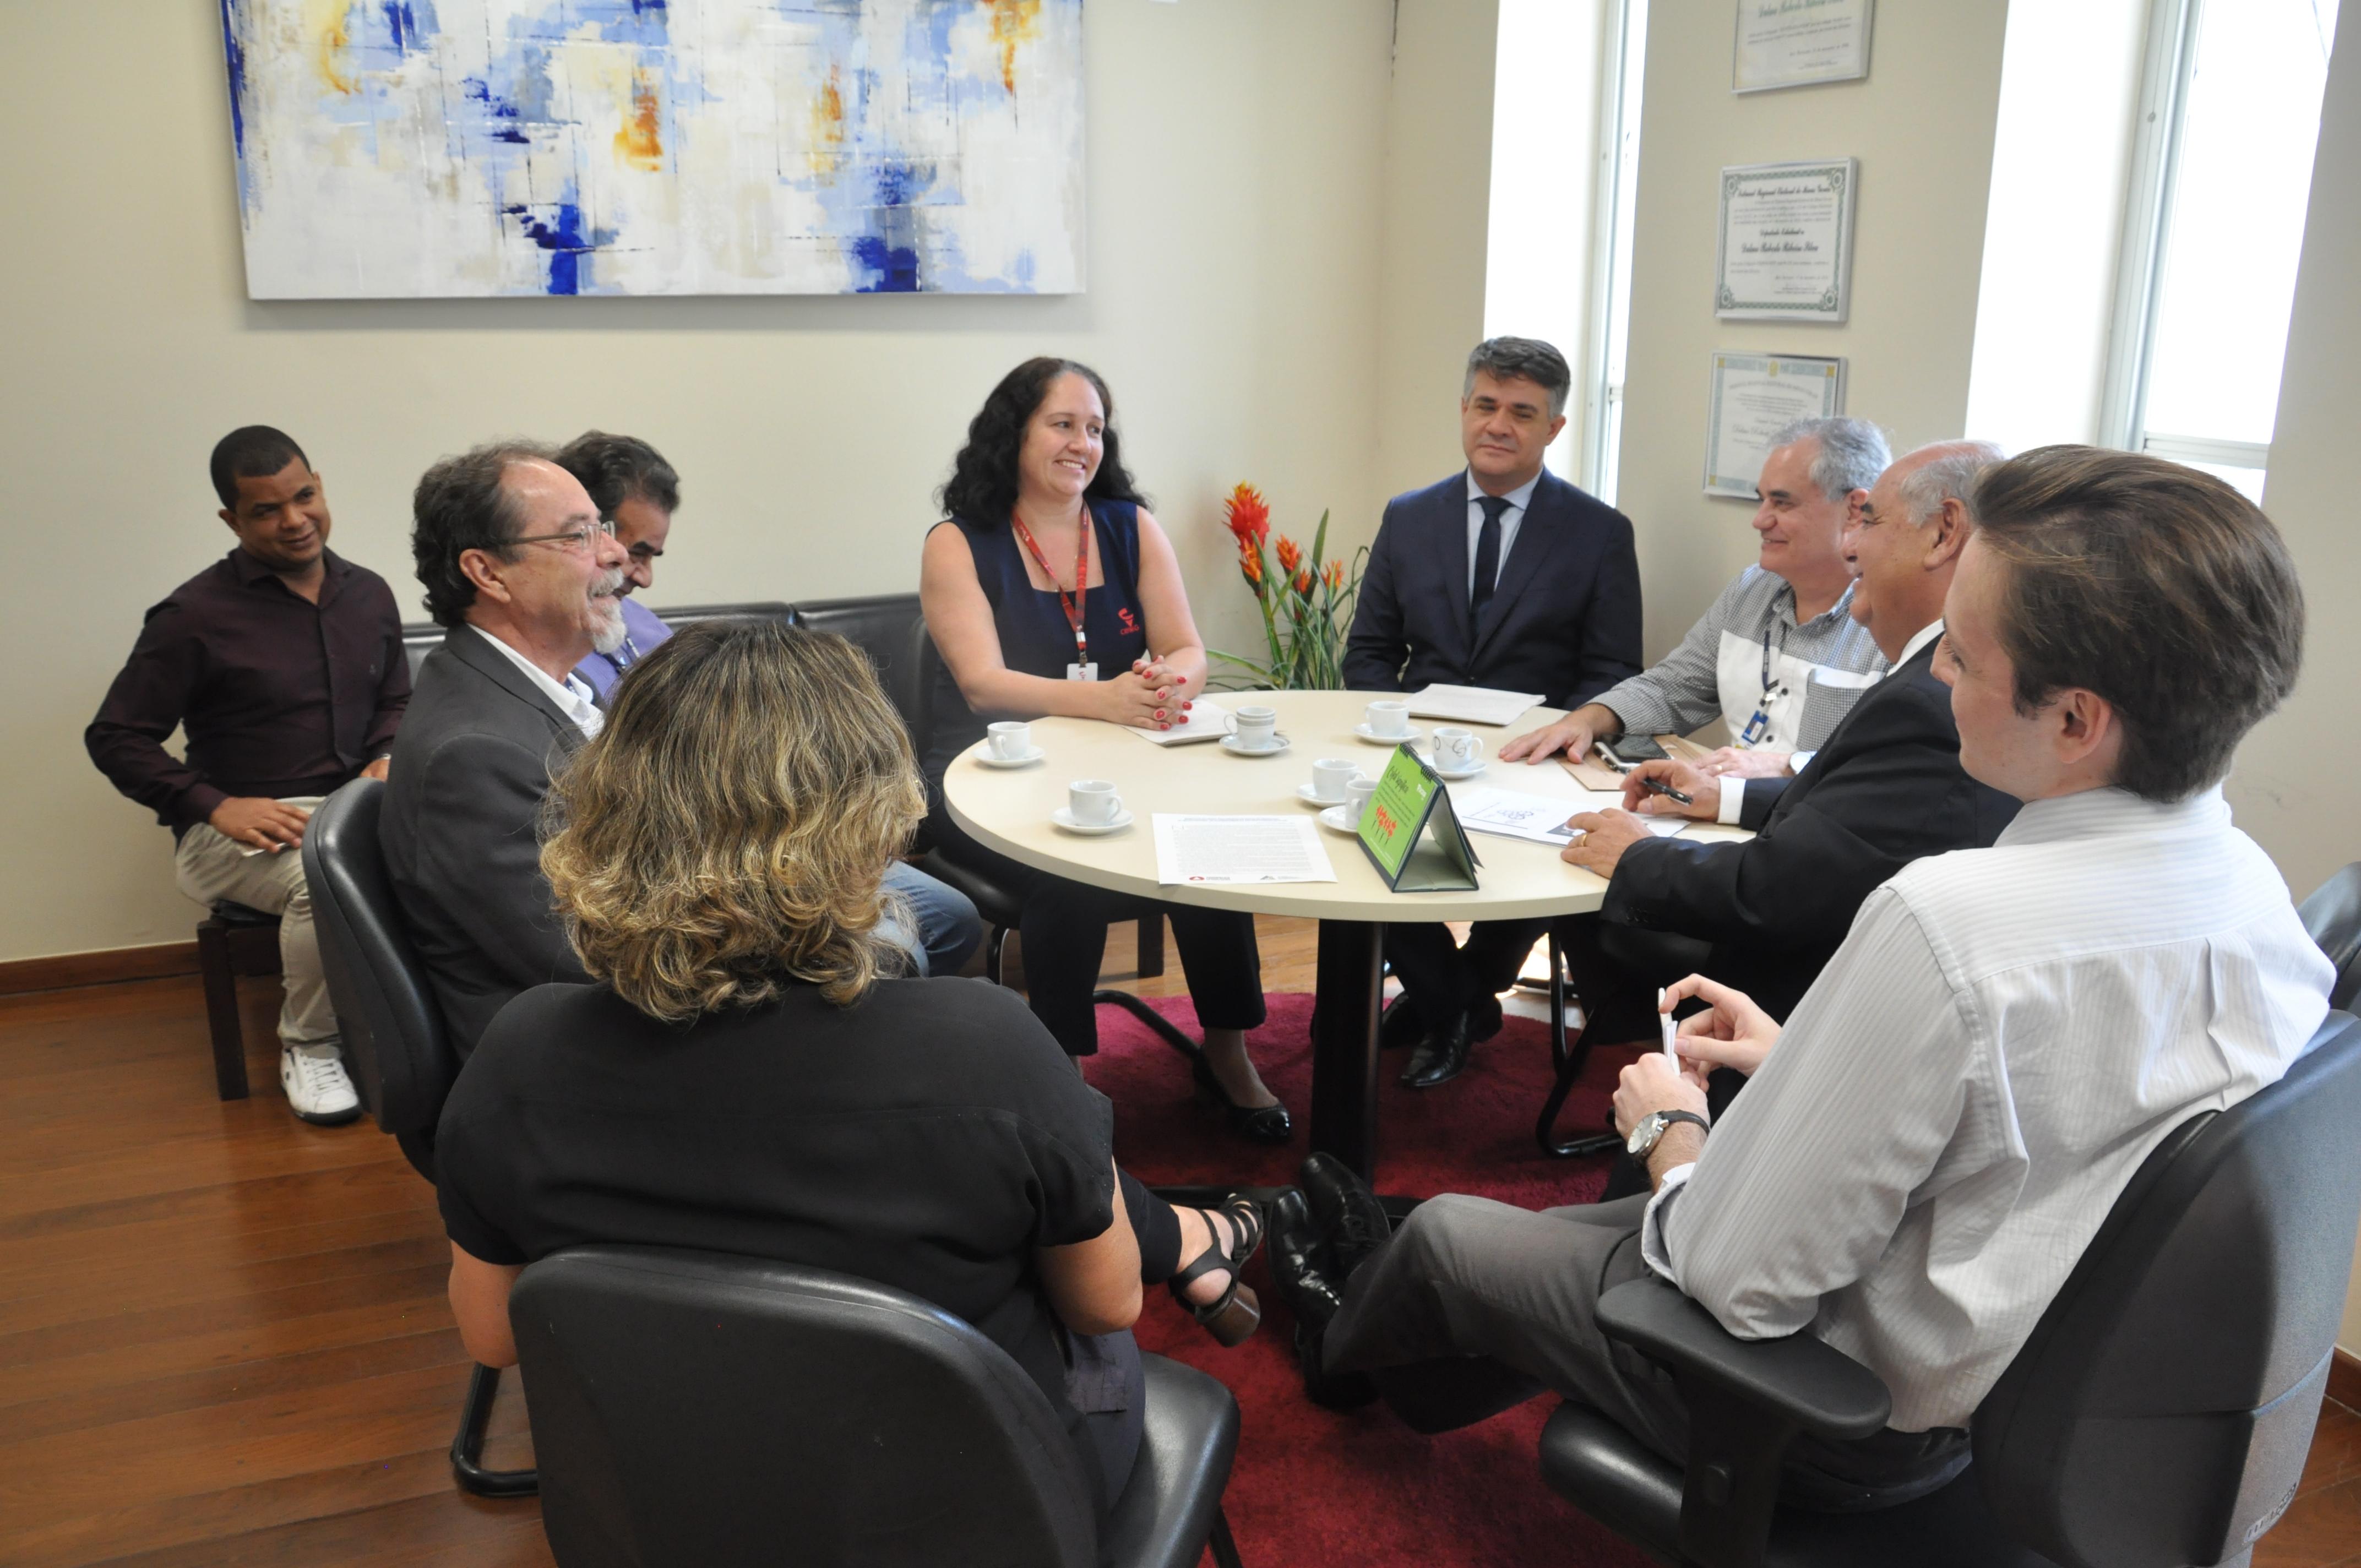 Frente Parlamentar em Defesa dos Conselhos será lançada em outubro em Minas